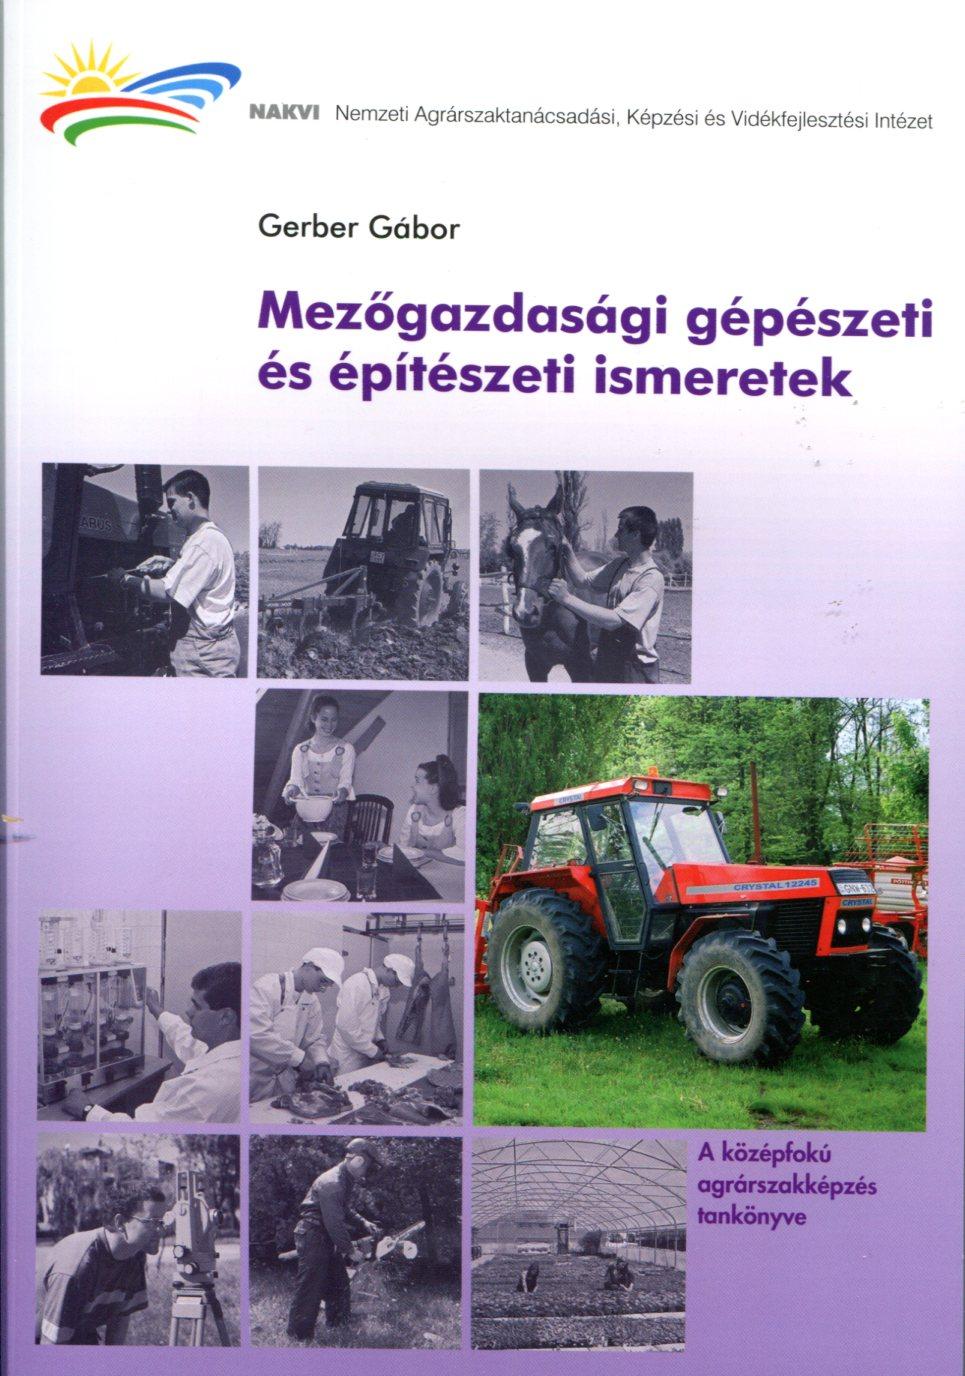 Mezőgazdasági gépészeti és építészeti ismeretek